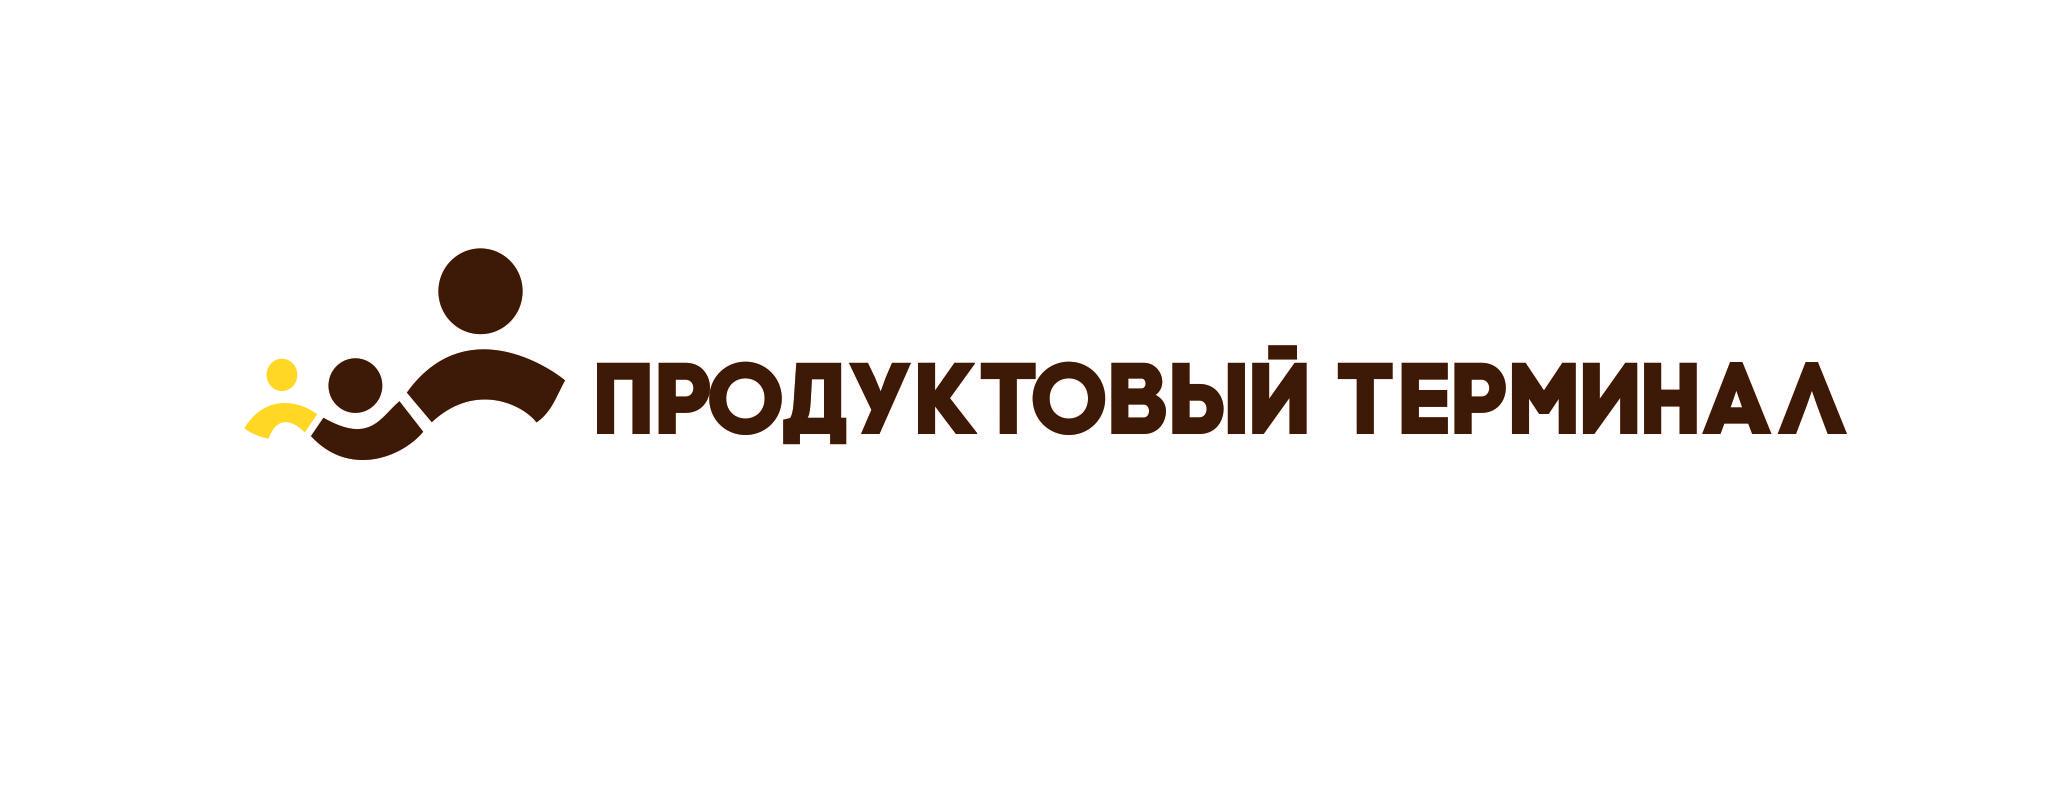 Логотип для сети продуктовых магазинов фото f_27956fd0e5101205.jpg